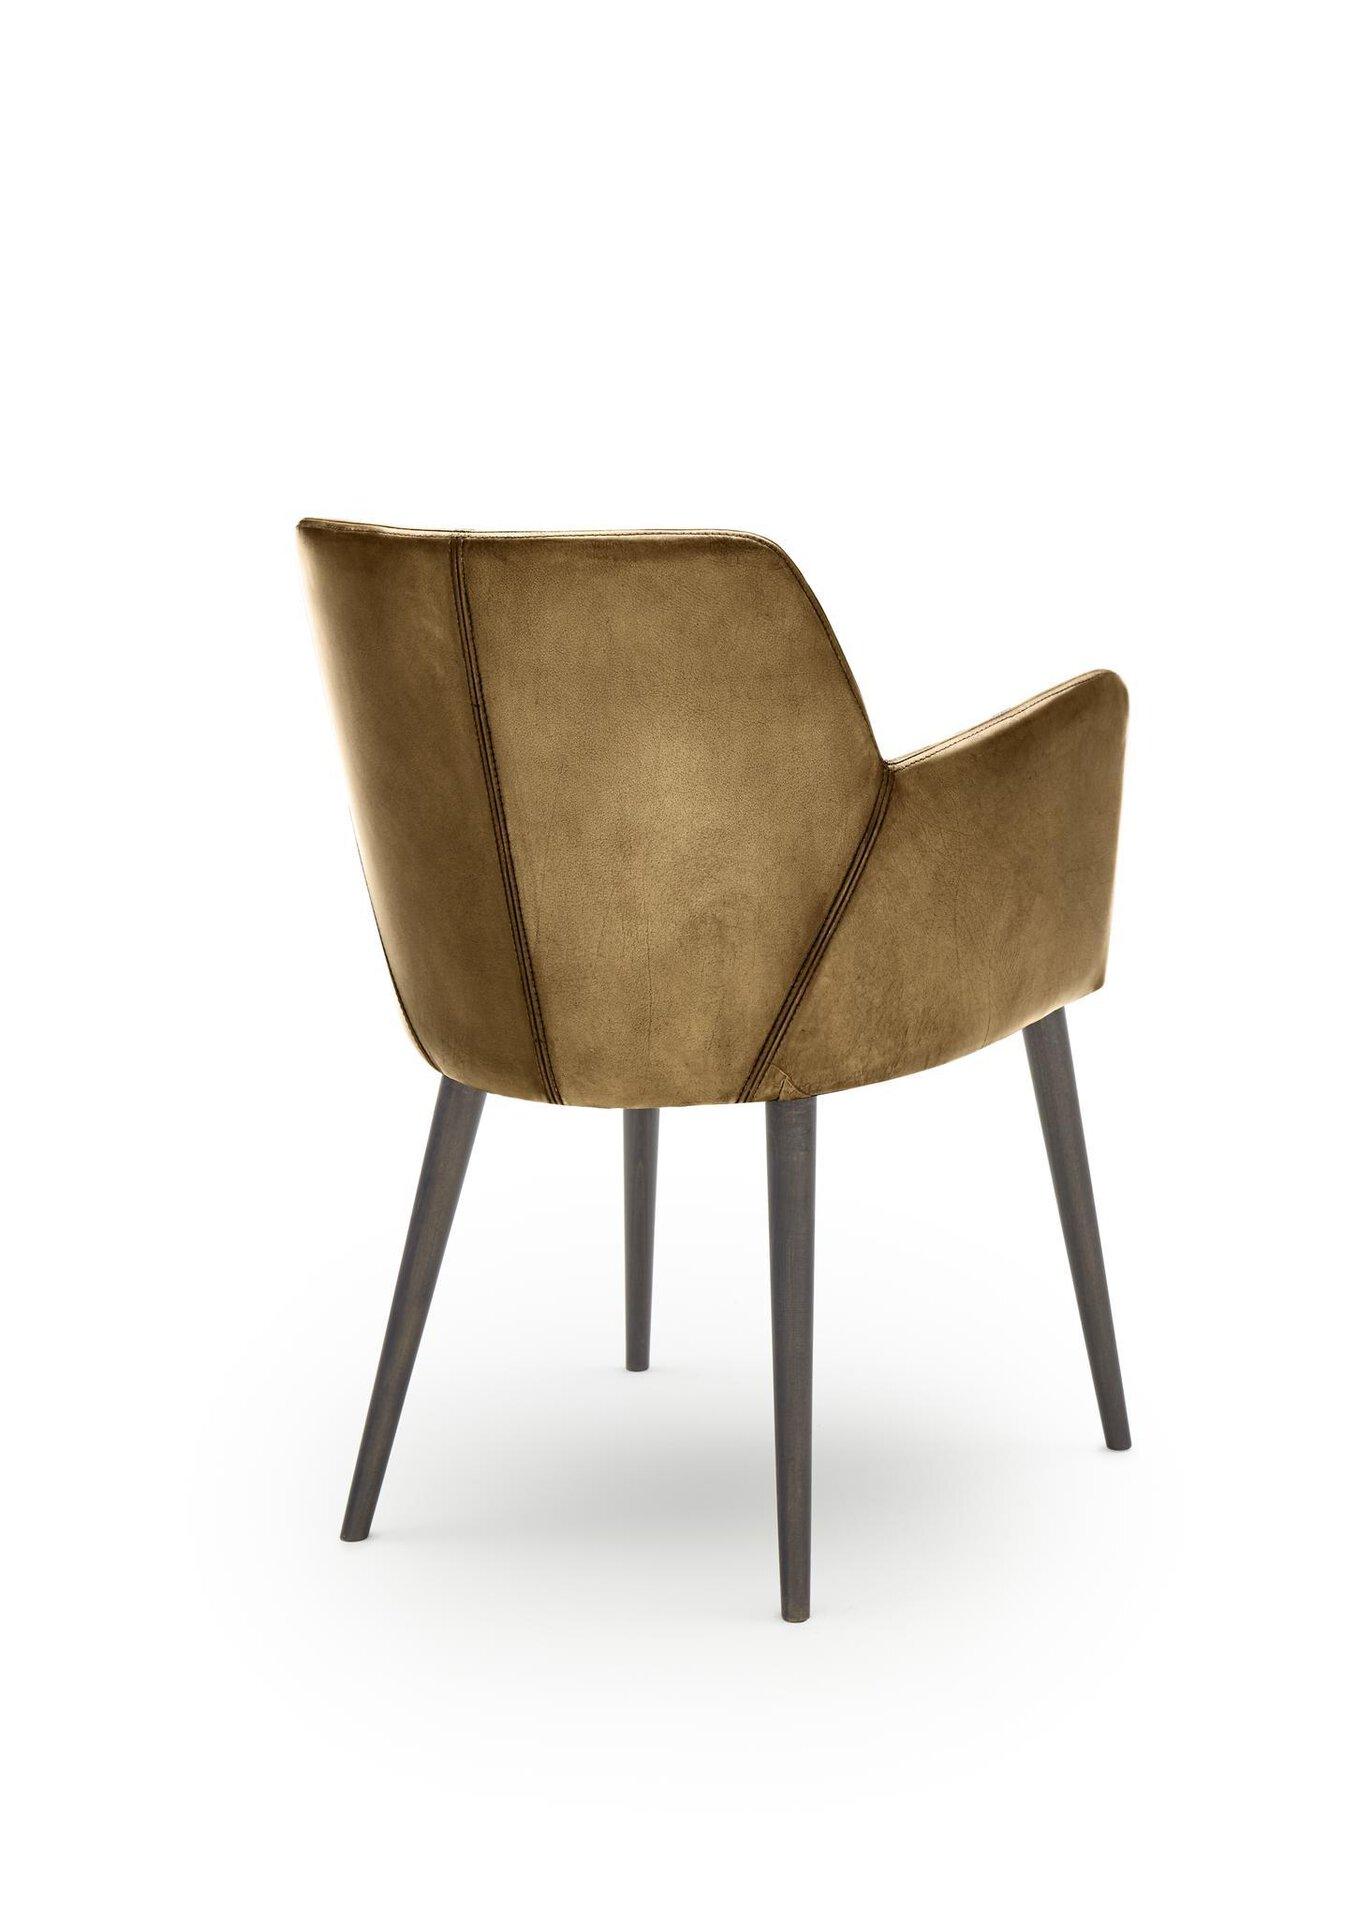 4-Fuß-Stuhl WK7005 Stuart WK Wohnen Edition Leder braun 57 x 83 x 59 cm